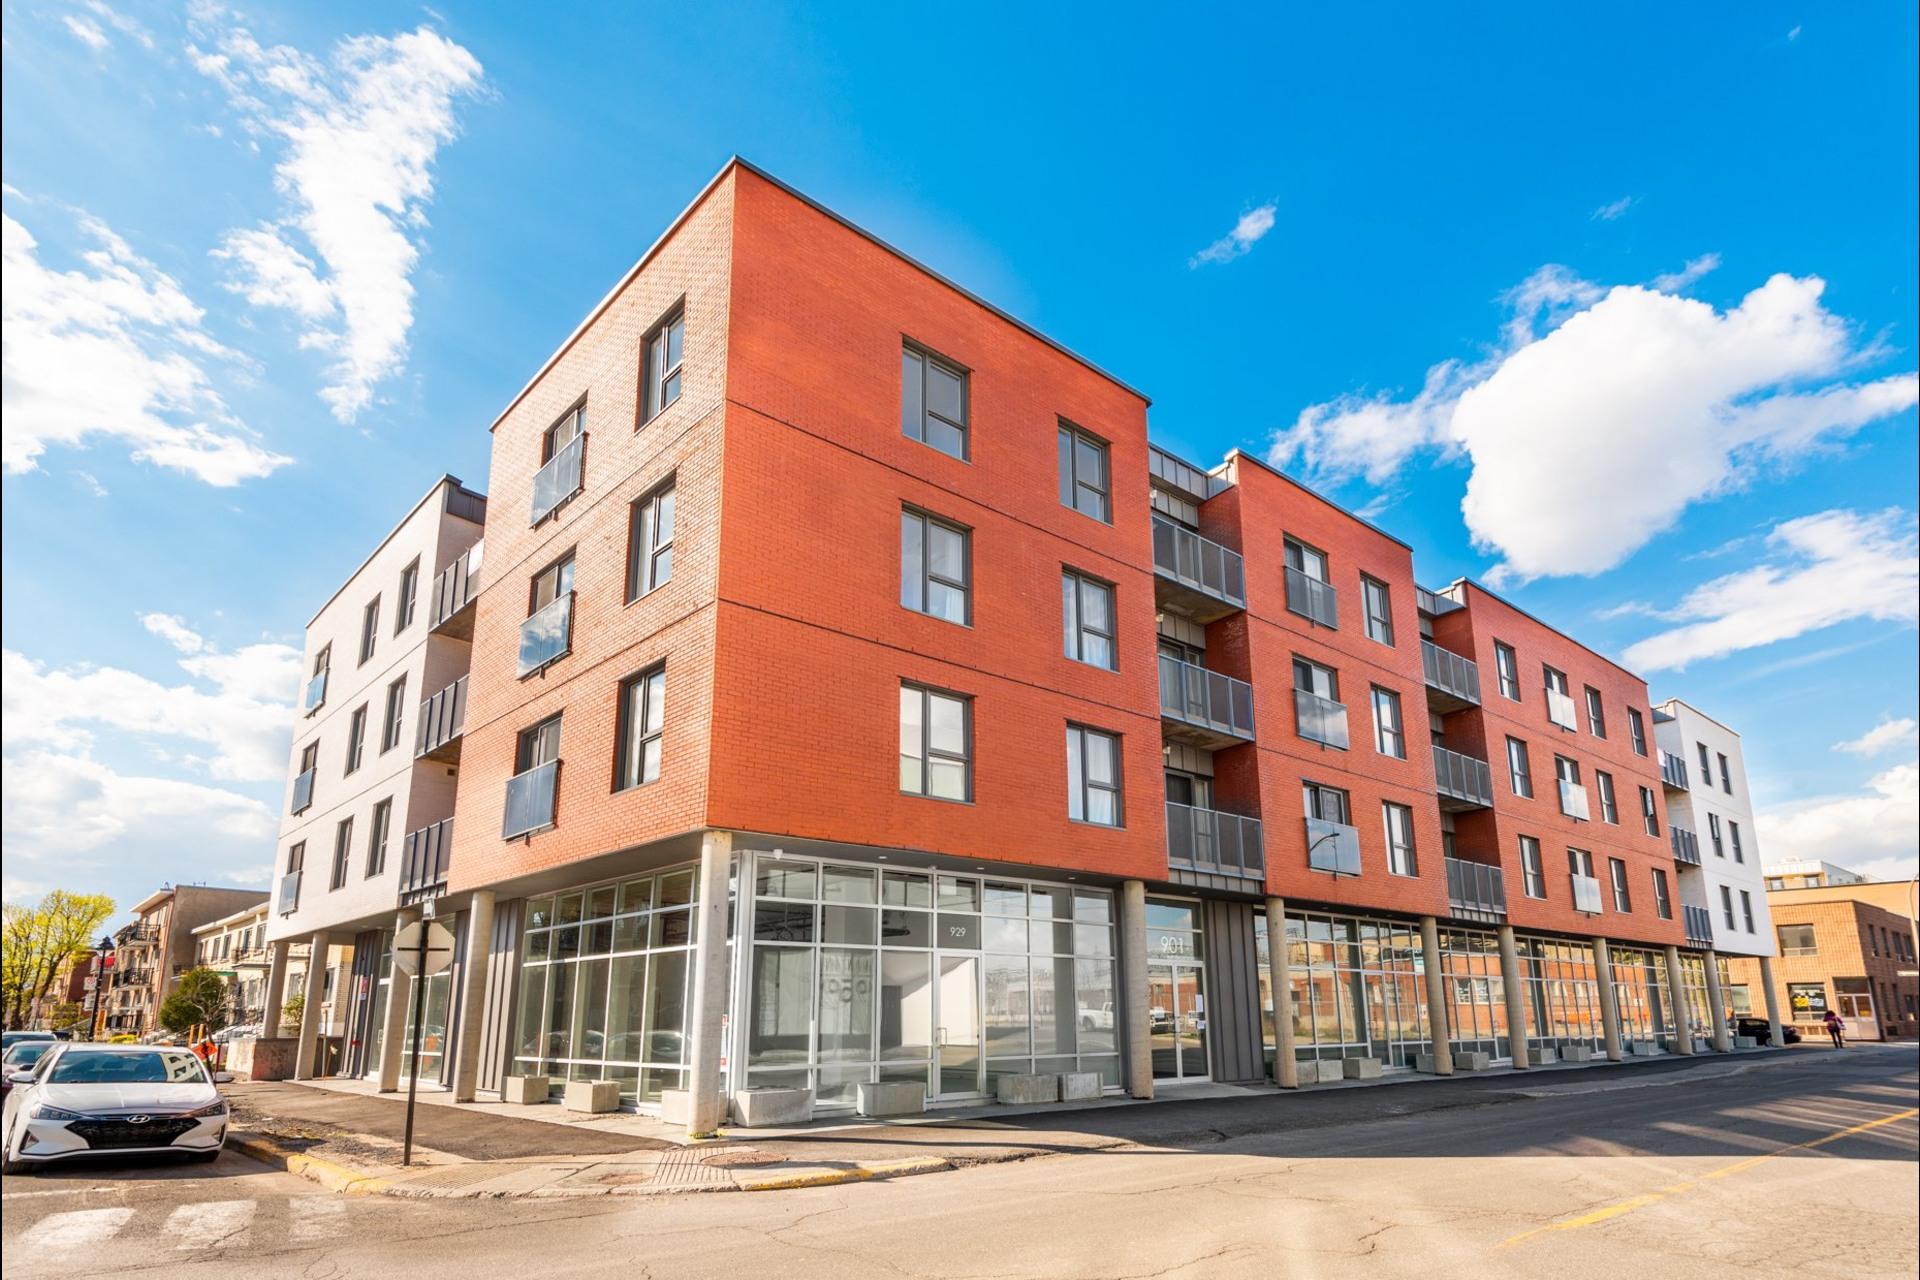 image 18 - Apartment For sale Villeray/Saint-Michel/Parc-Extension Montréal  - 3 rooms